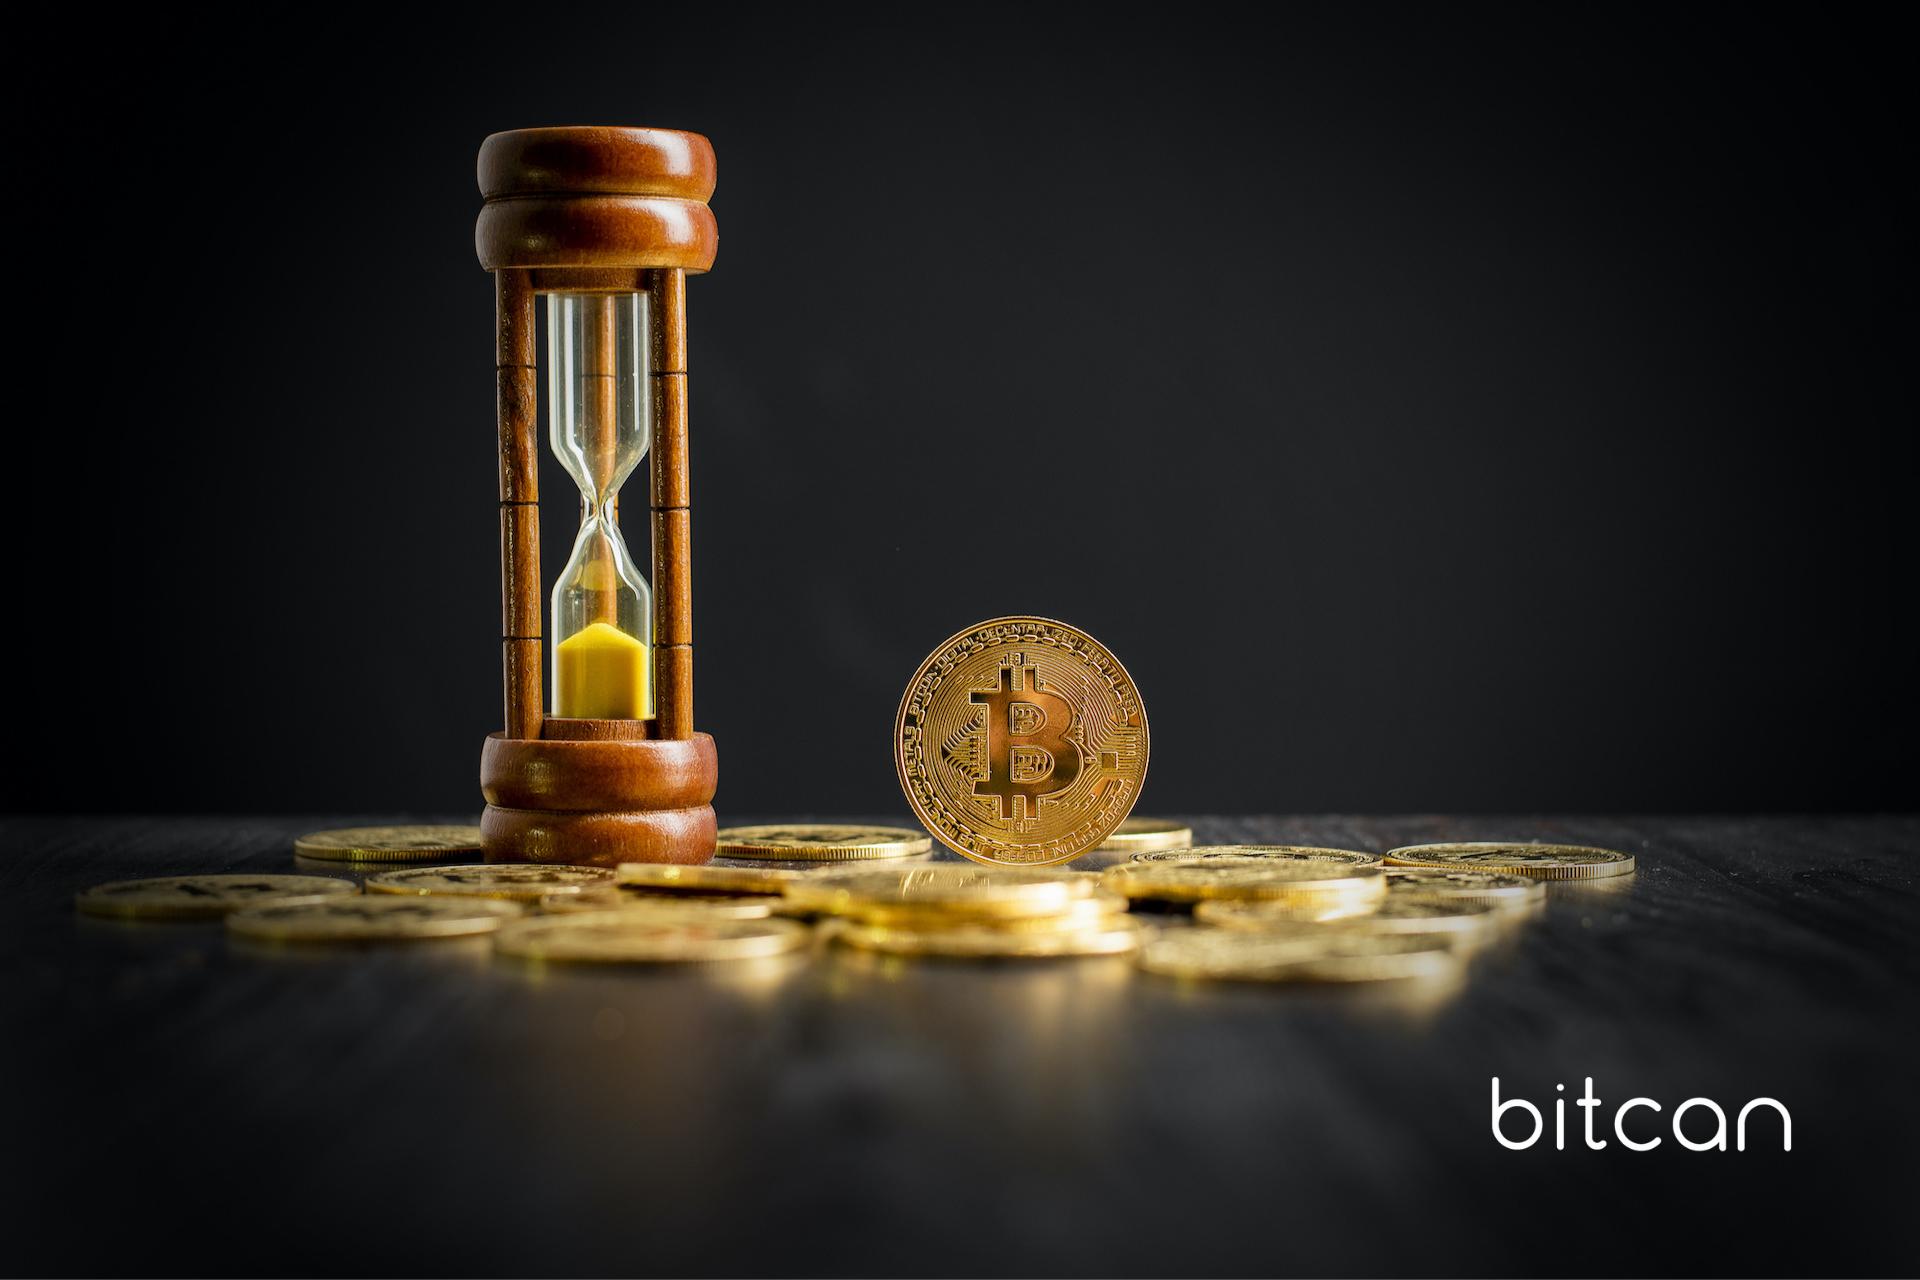 Twoja transakcja Bitcoin utknęła? Sprawdź, jak szybko i skutecznie rozwiązać ten problem